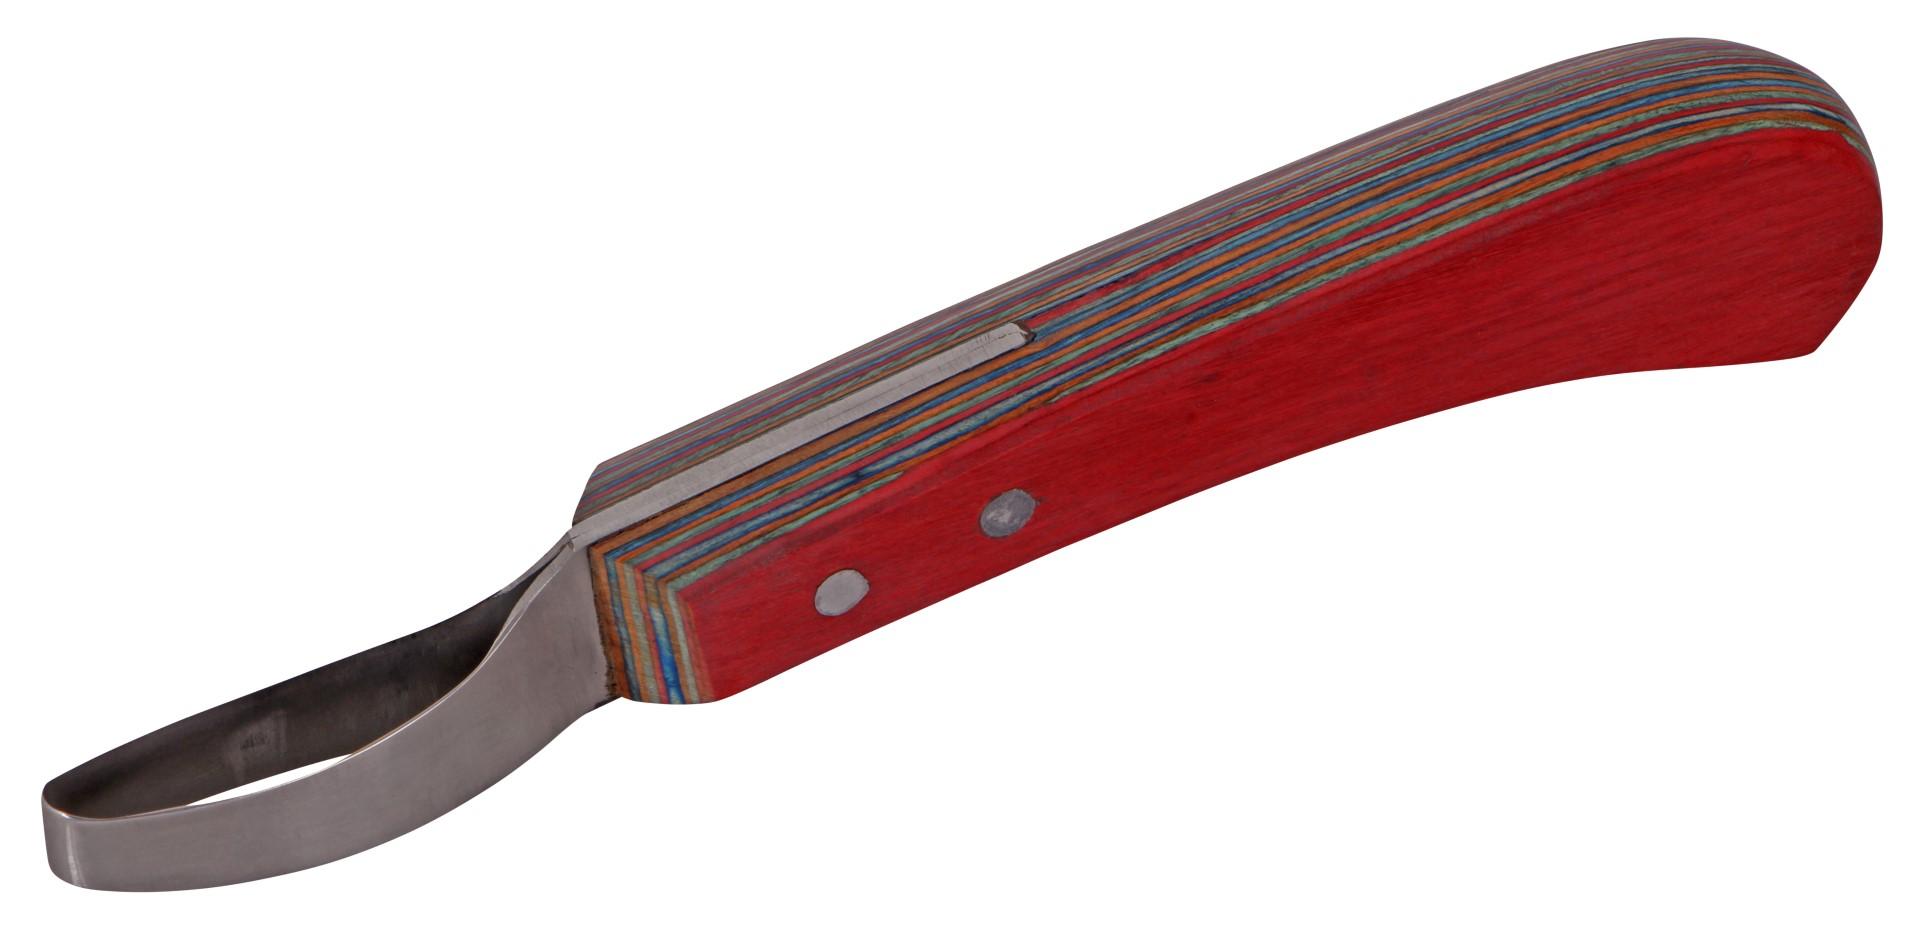 loop knife high carbon